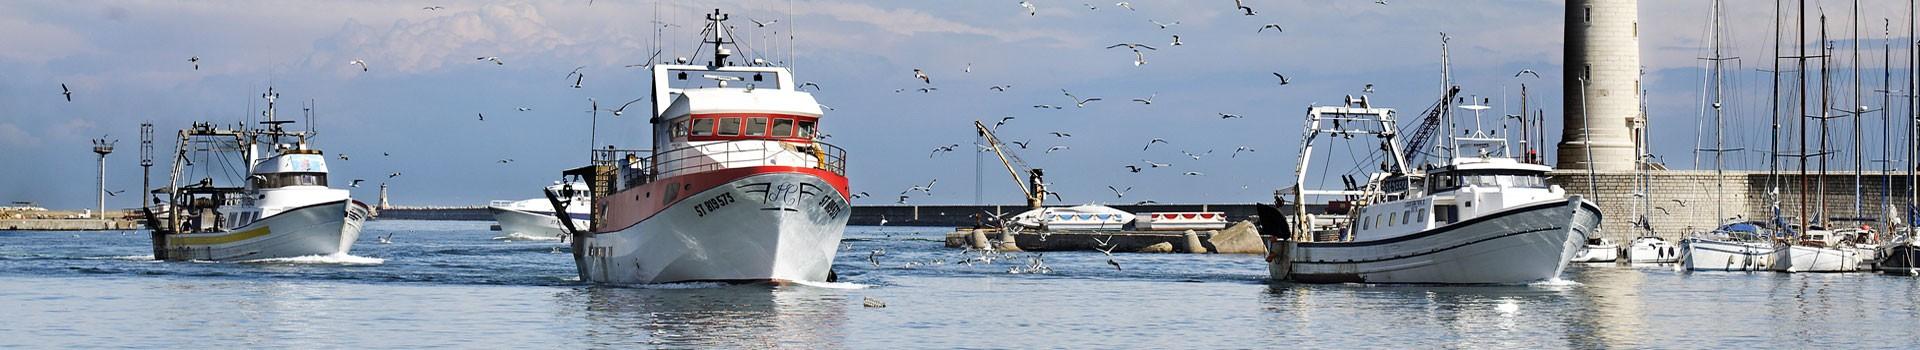 Visiter Sète - port de pêche